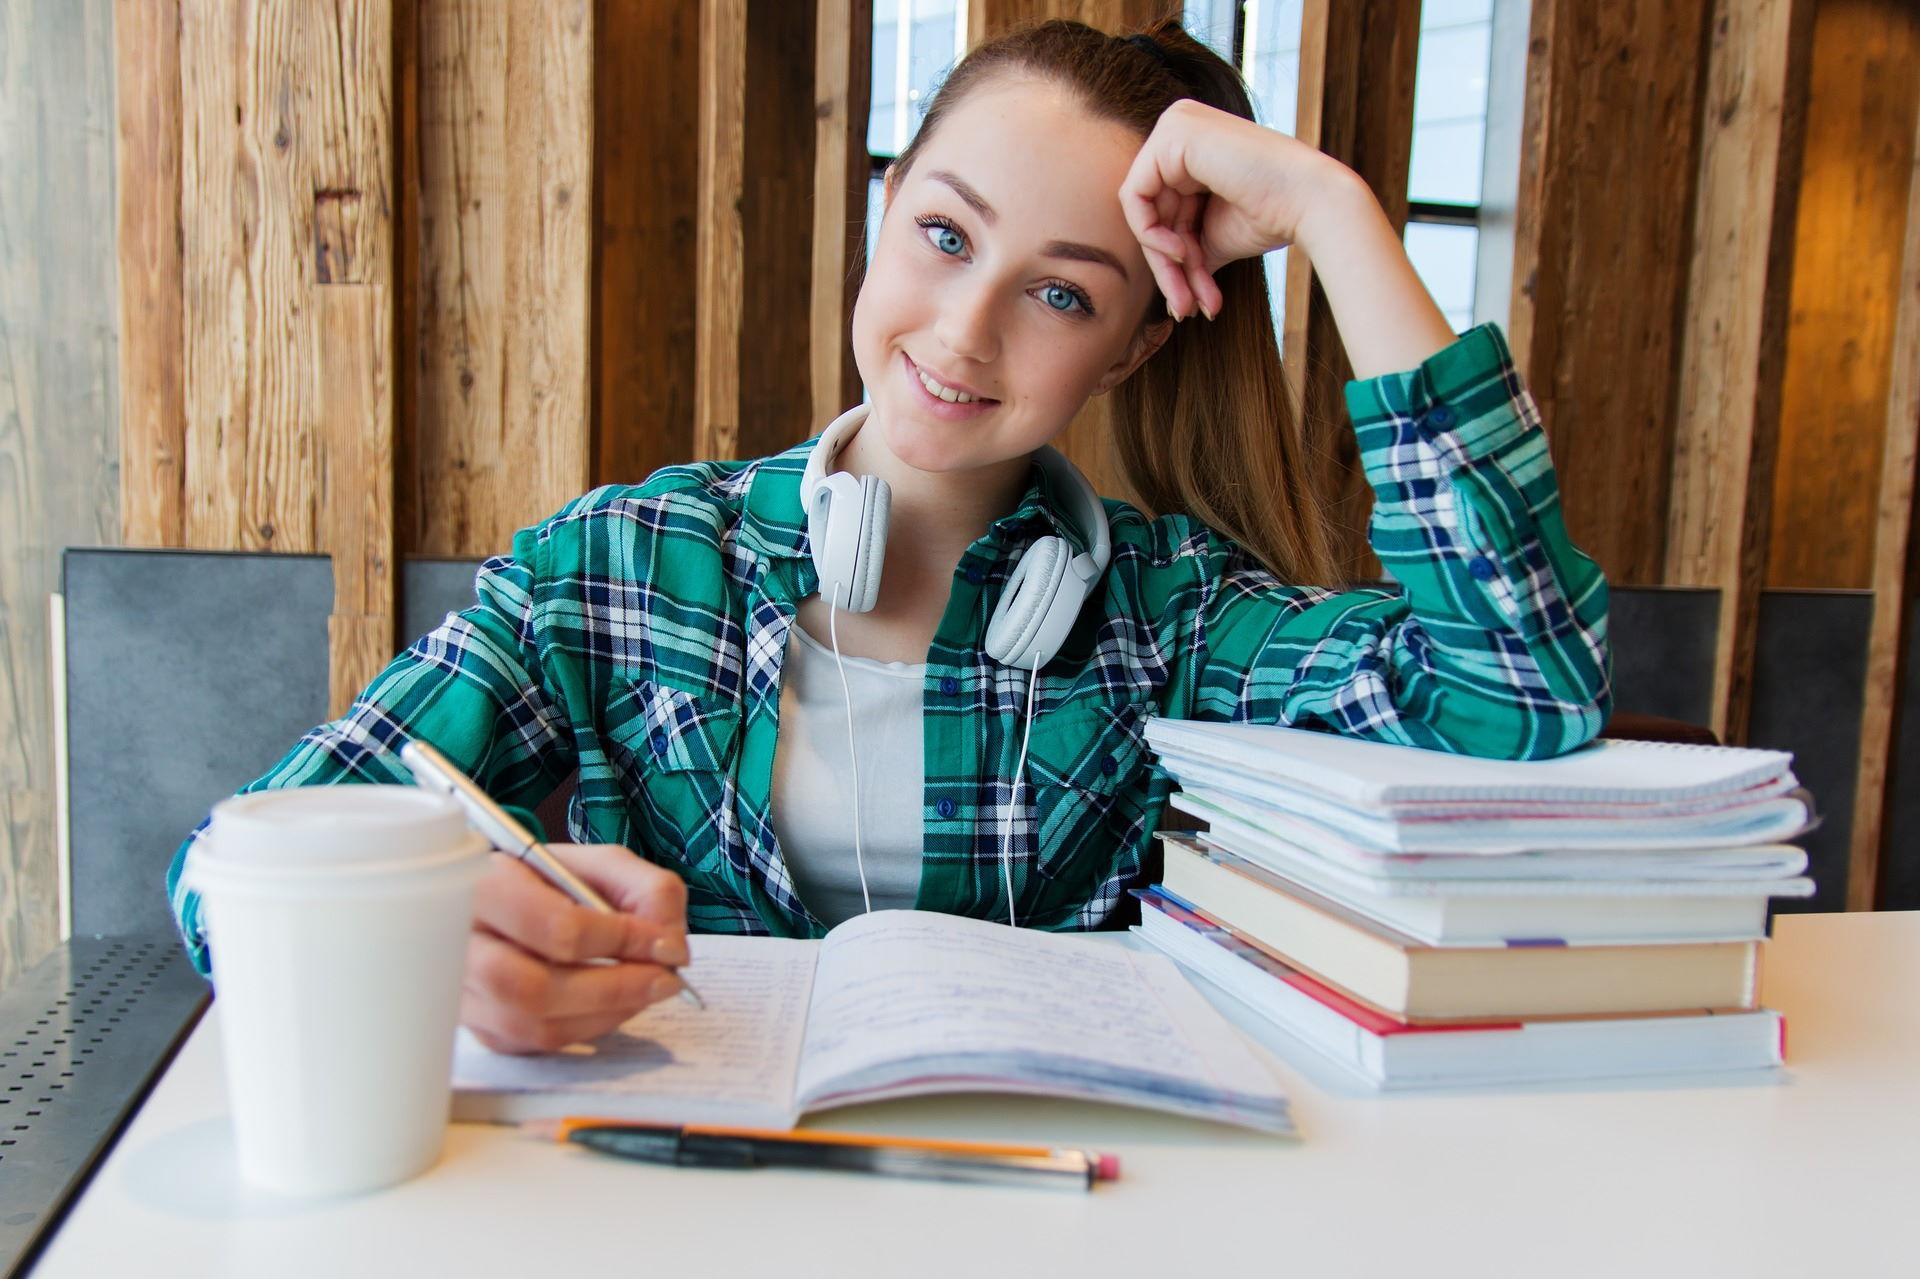 Pożyczki na dowód – dlaczego warto skorzystać z nich przed rozpoczęciem roku szkolnego?